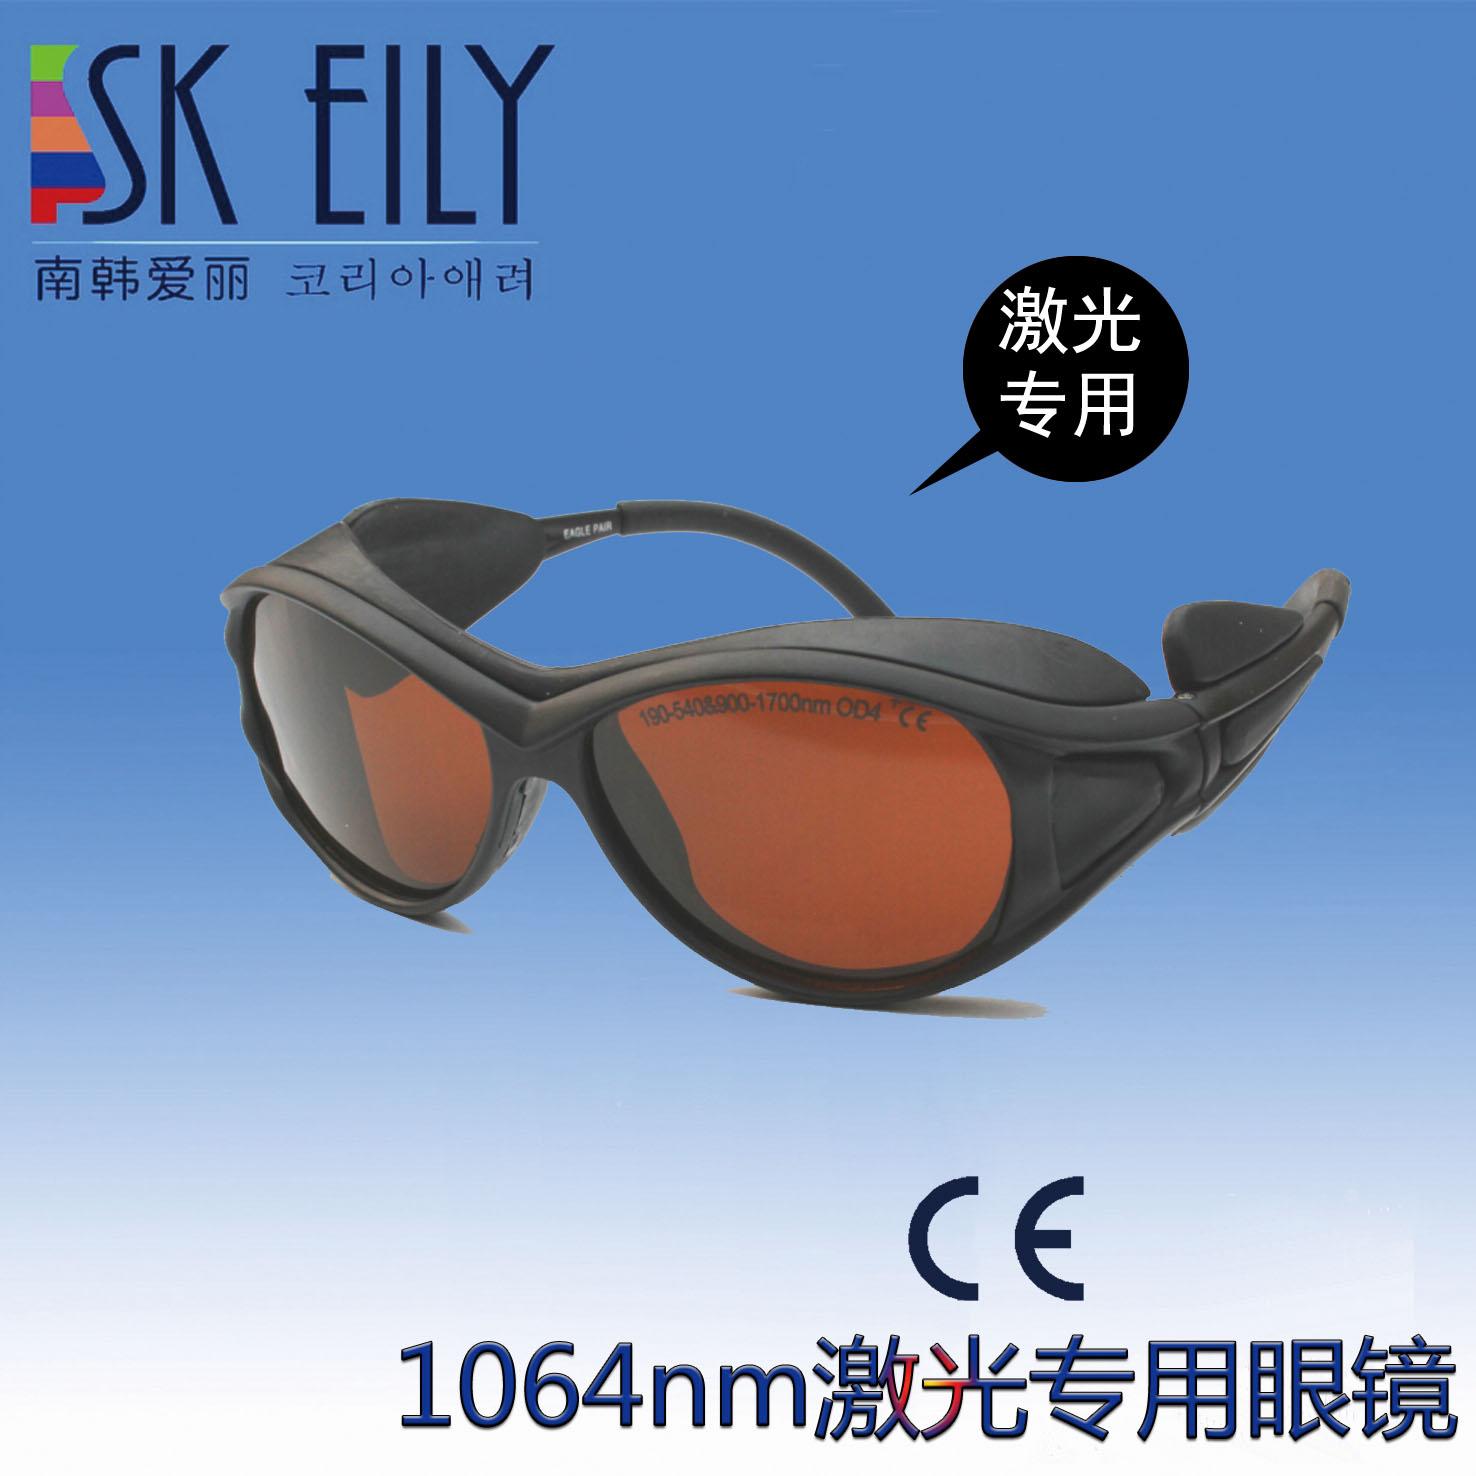 商品介绍: 产品名称:多功能激光防护眼镜 防护波长:190-450nm&